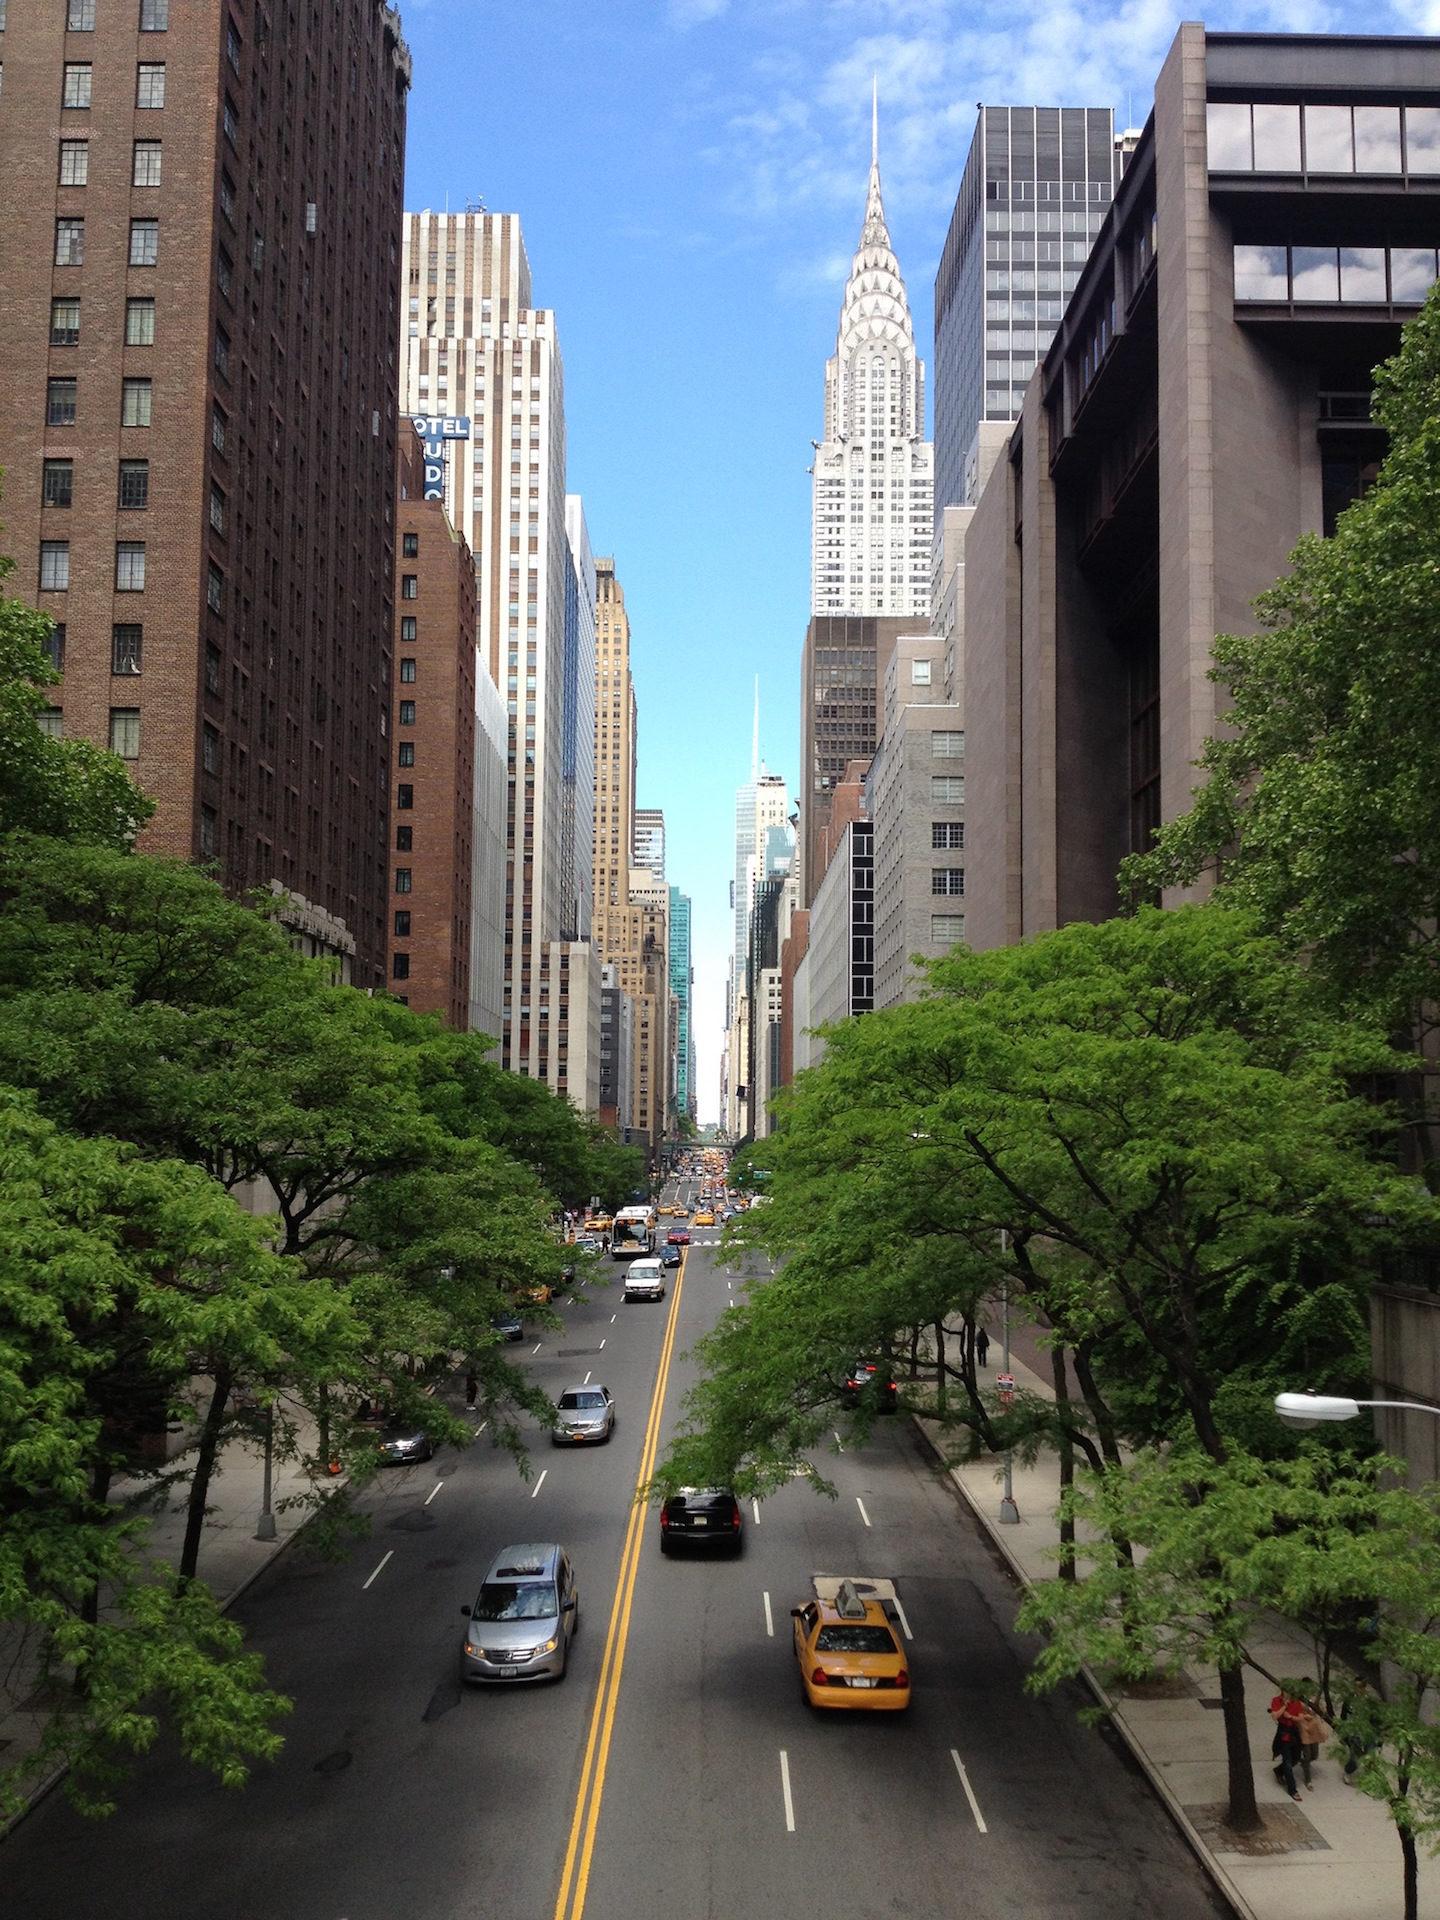 ciudad, calle, nueva york, manzana, rascacielos - Fondos de Pantalla HD - professor-falken.com